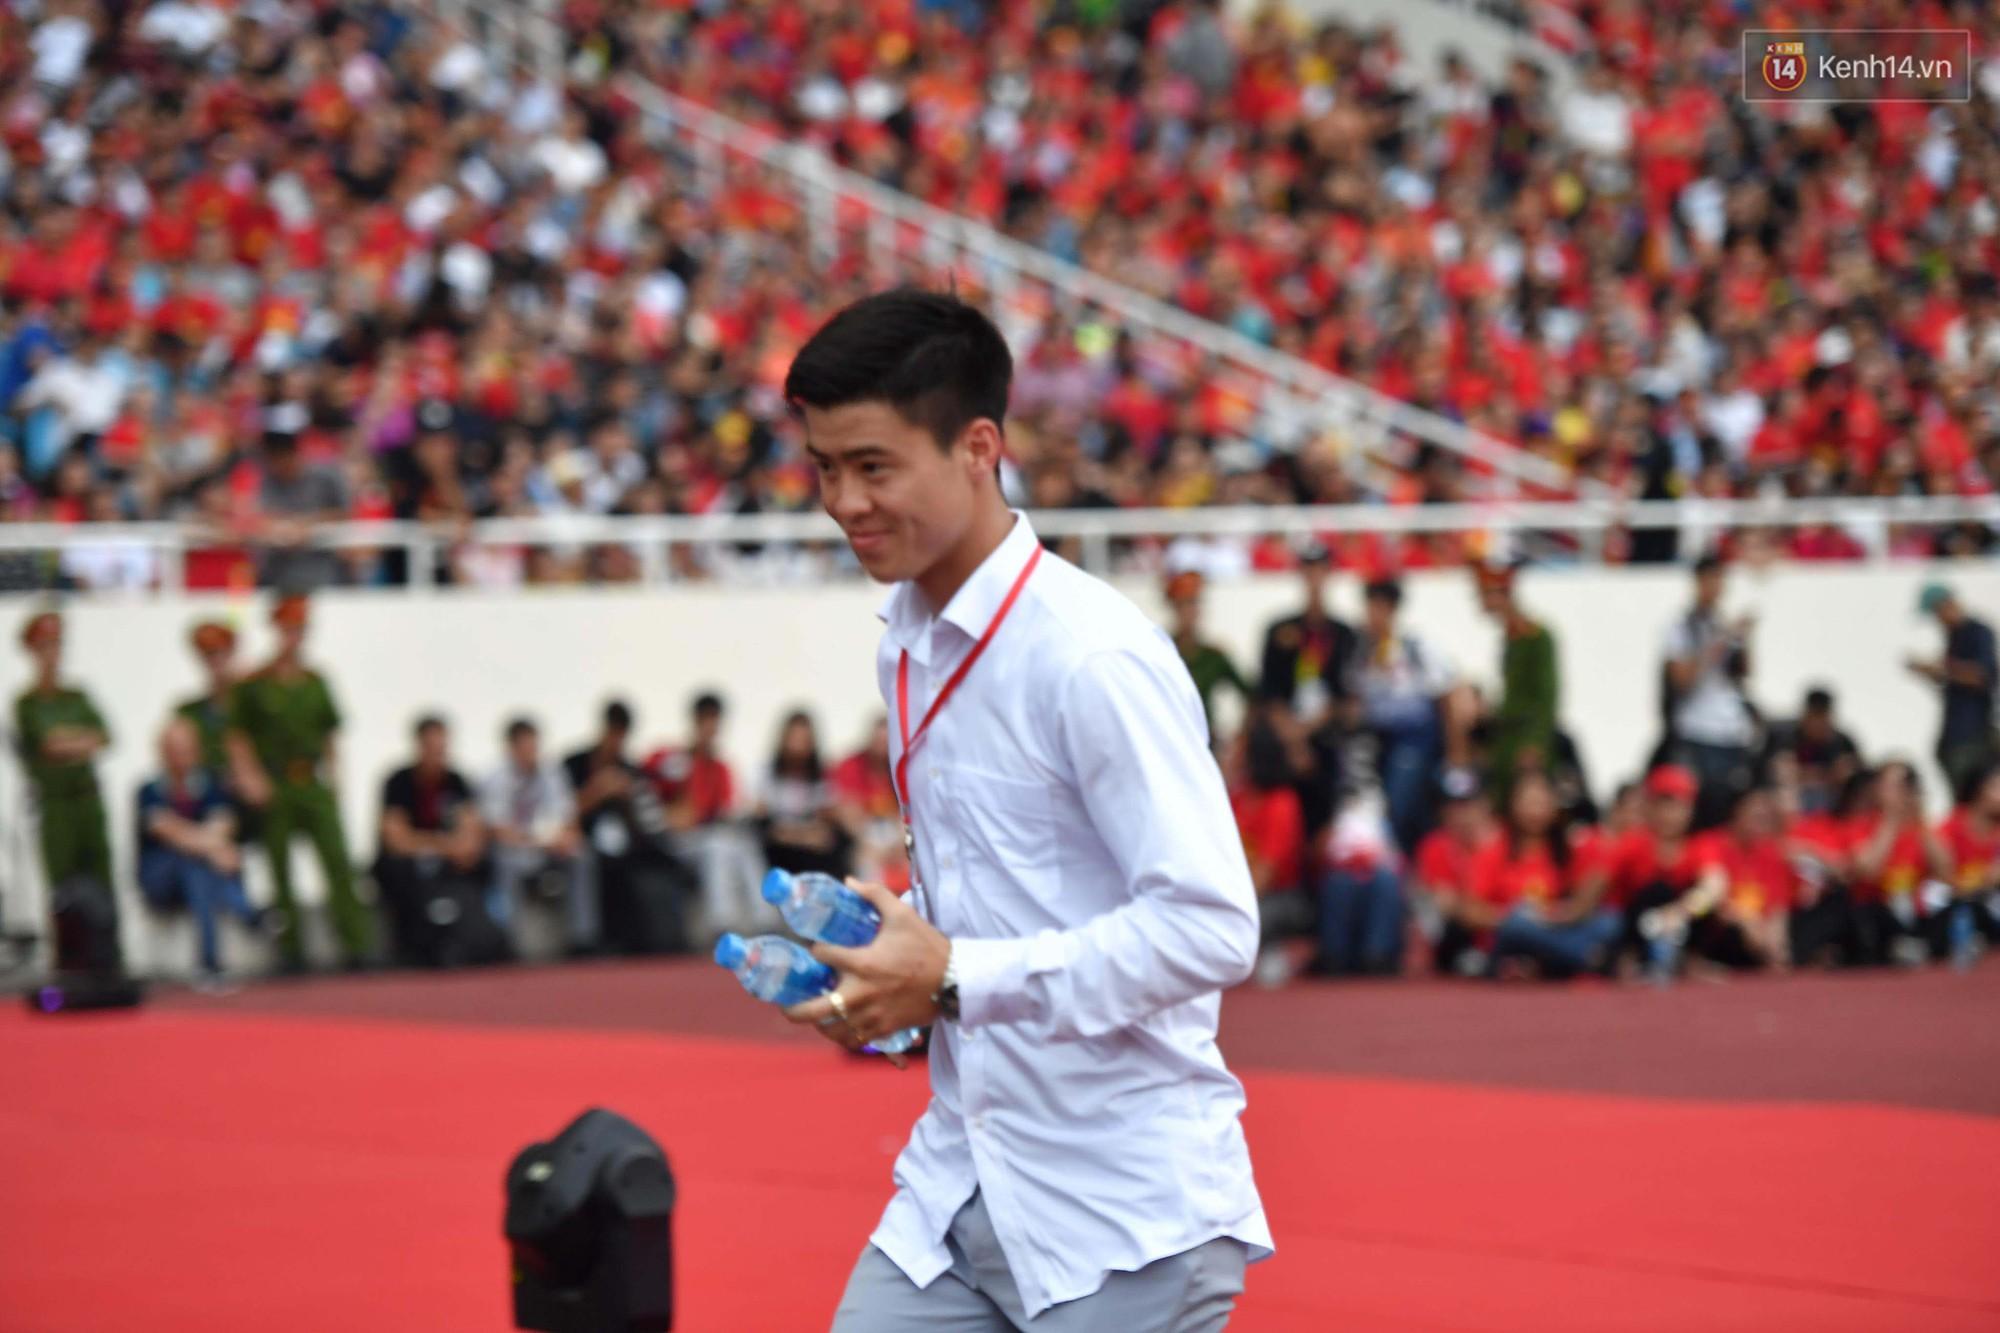 Đangdự lễ mừng công, Duy Mạnh vẫn tranh thủ chạy ra ngoài mang nước cho bạn gái - Ảnh 4.